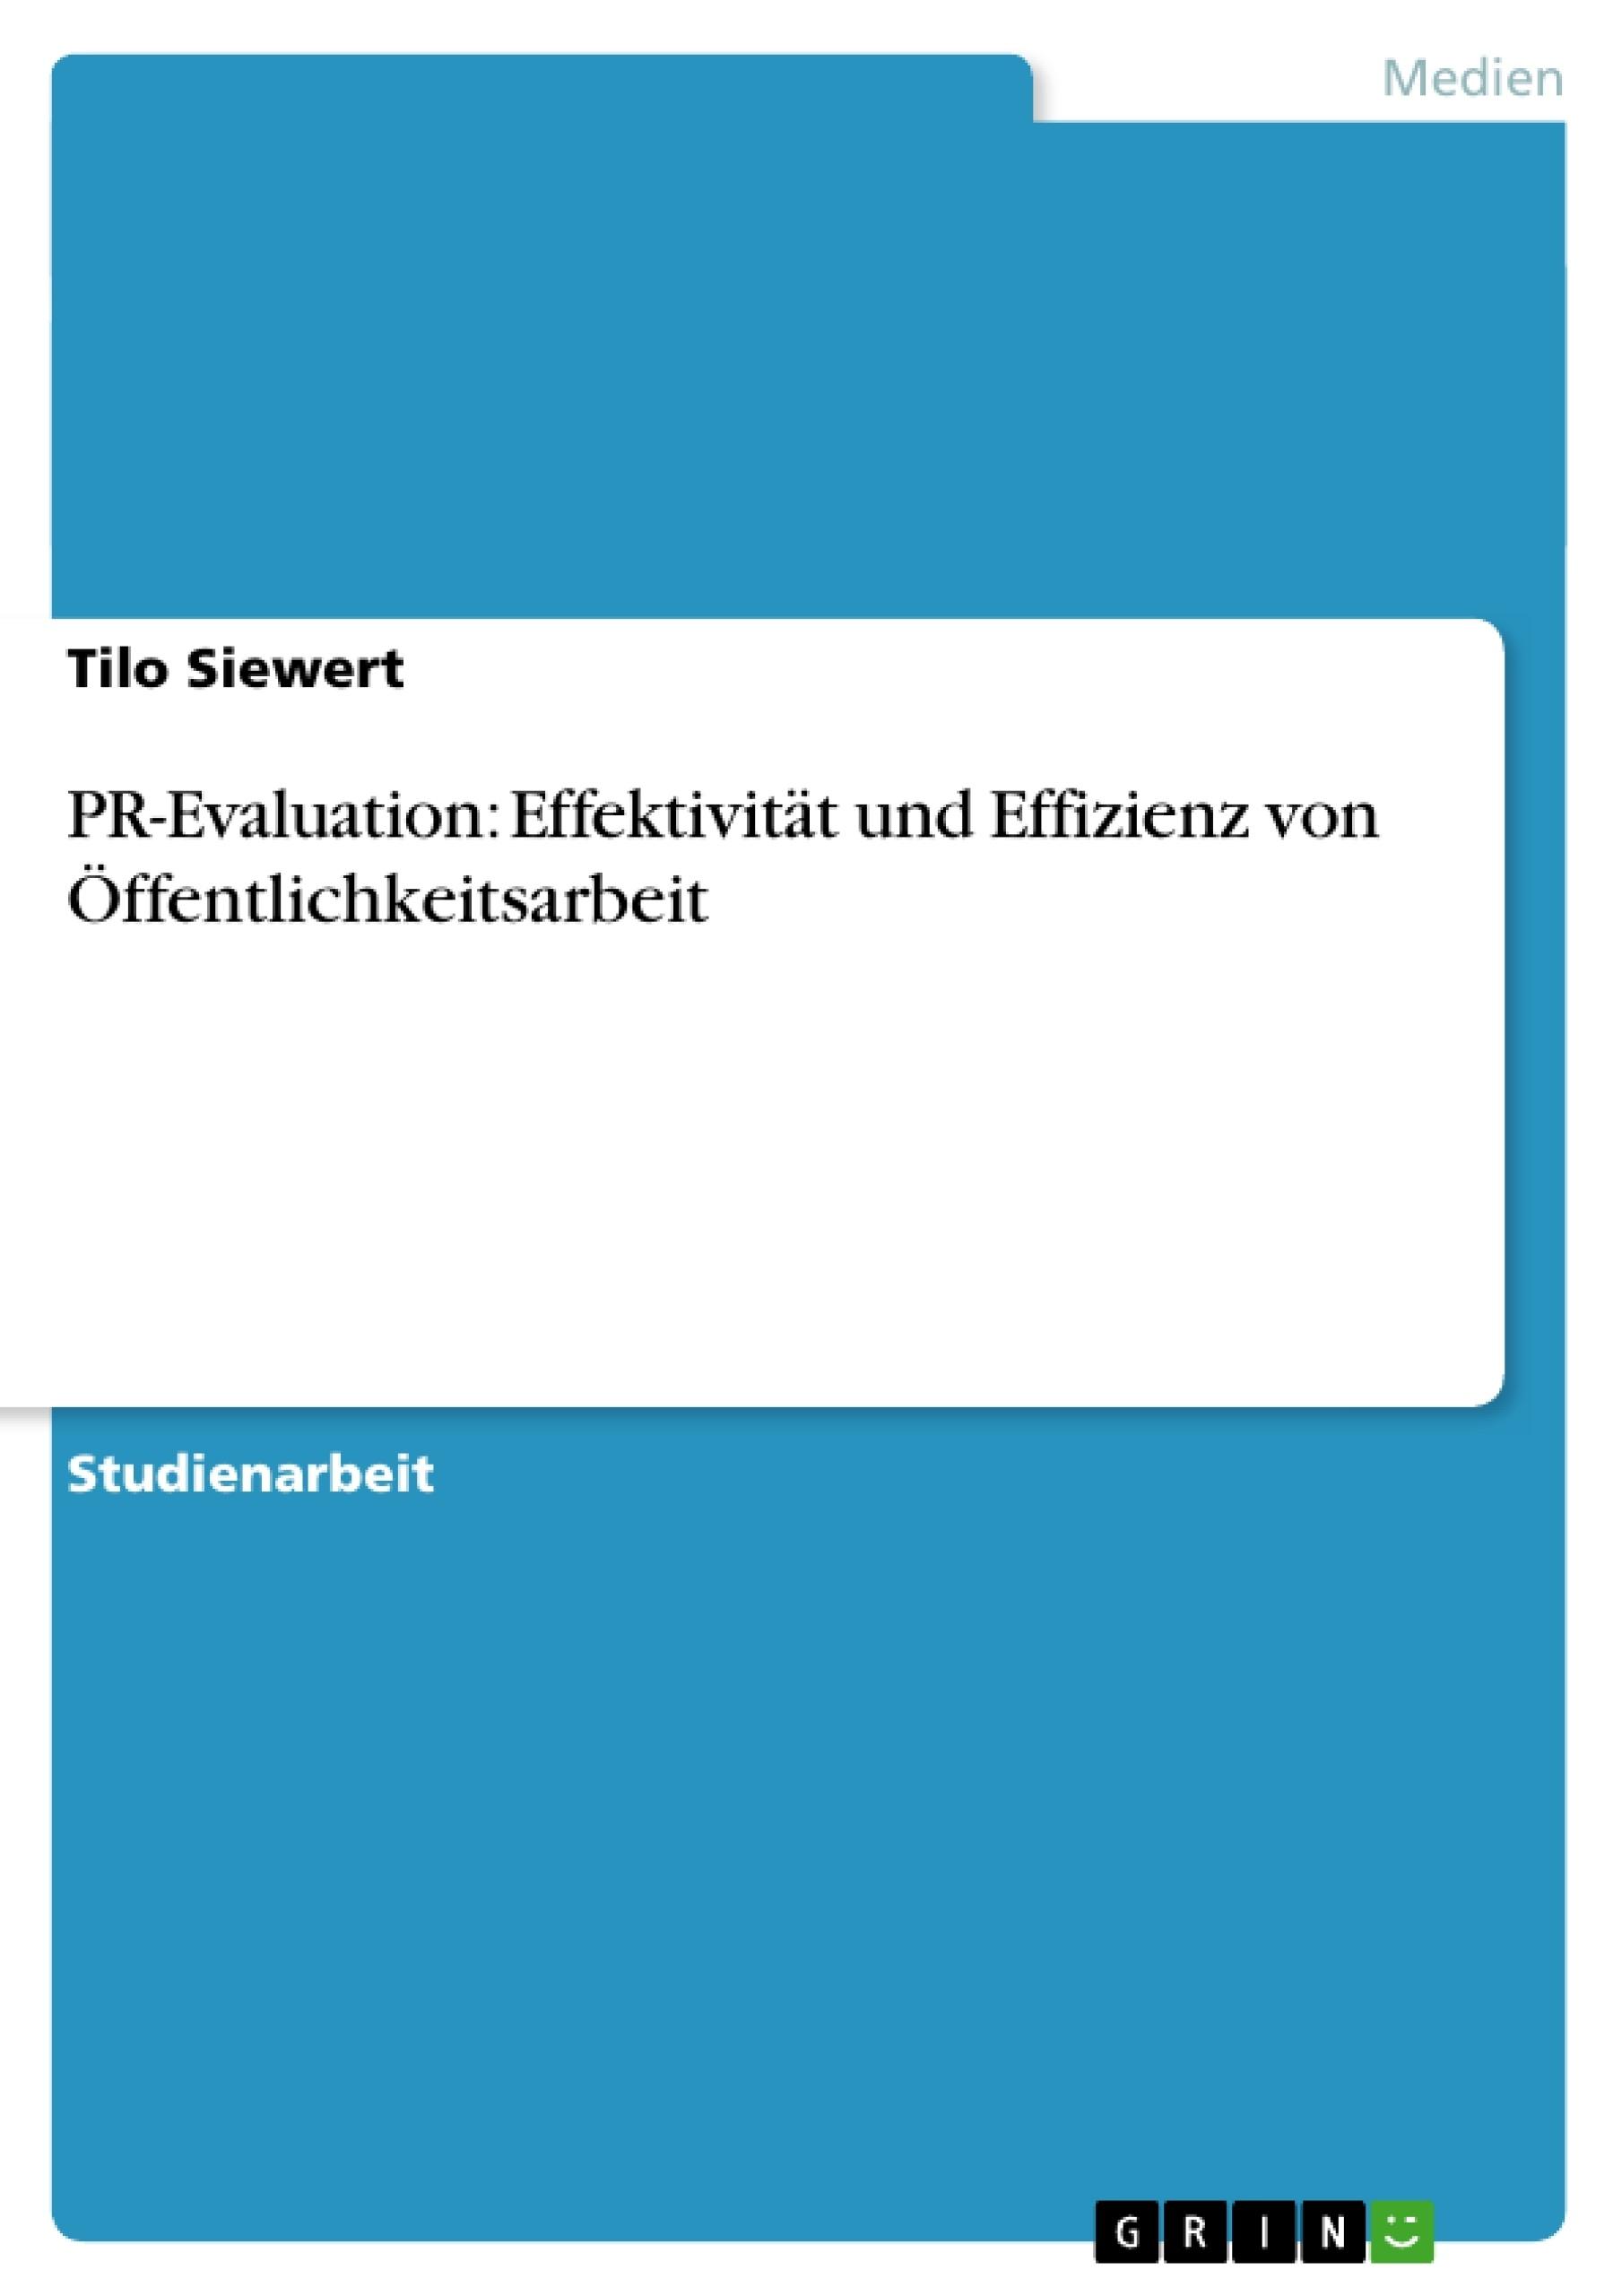 Titel: PR-Evaluation: Effektivität und Effizienz von Öffentlichkeitsarbeit